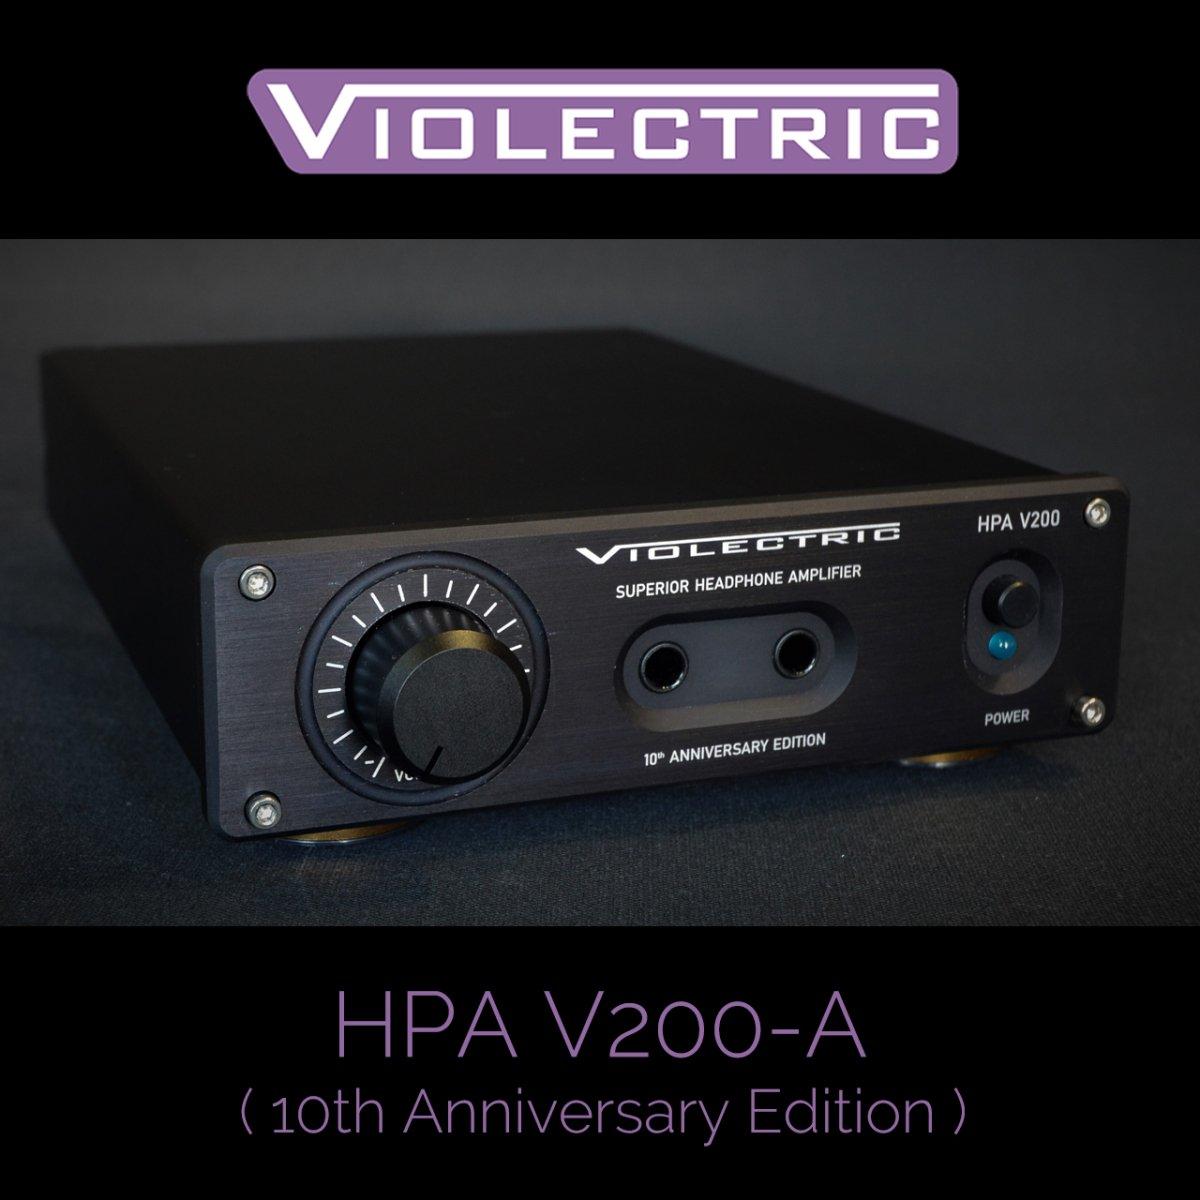 【クーポンでお得!ハンドメイドケーブル プレゼント!】 HPA V200-A (10th Anniversary Edition)